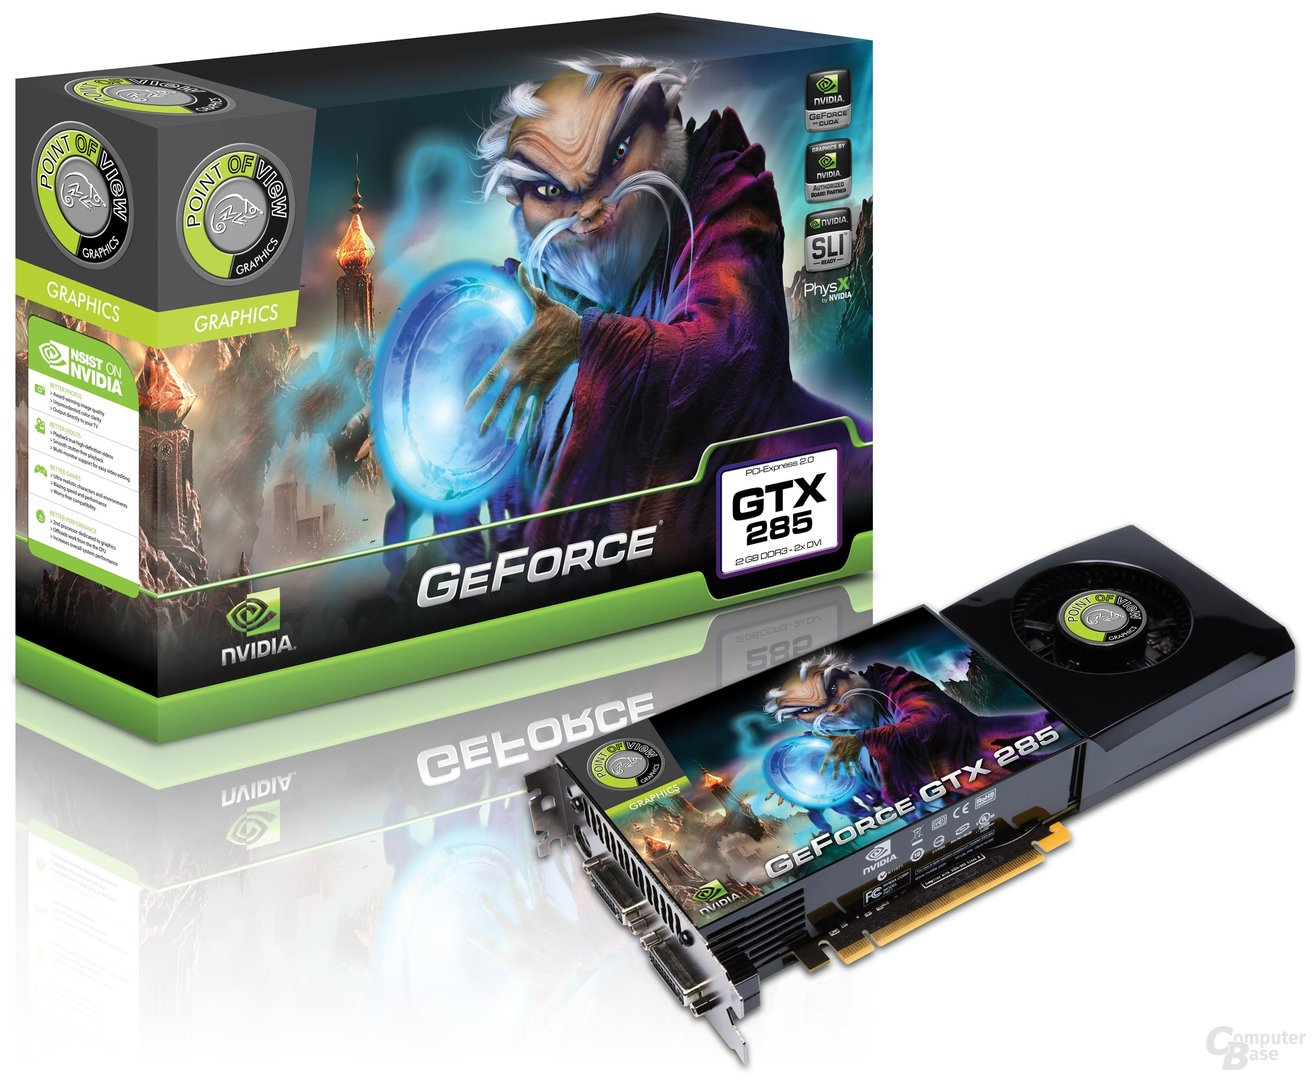 Point of View GeForce GTX 285 2 GB